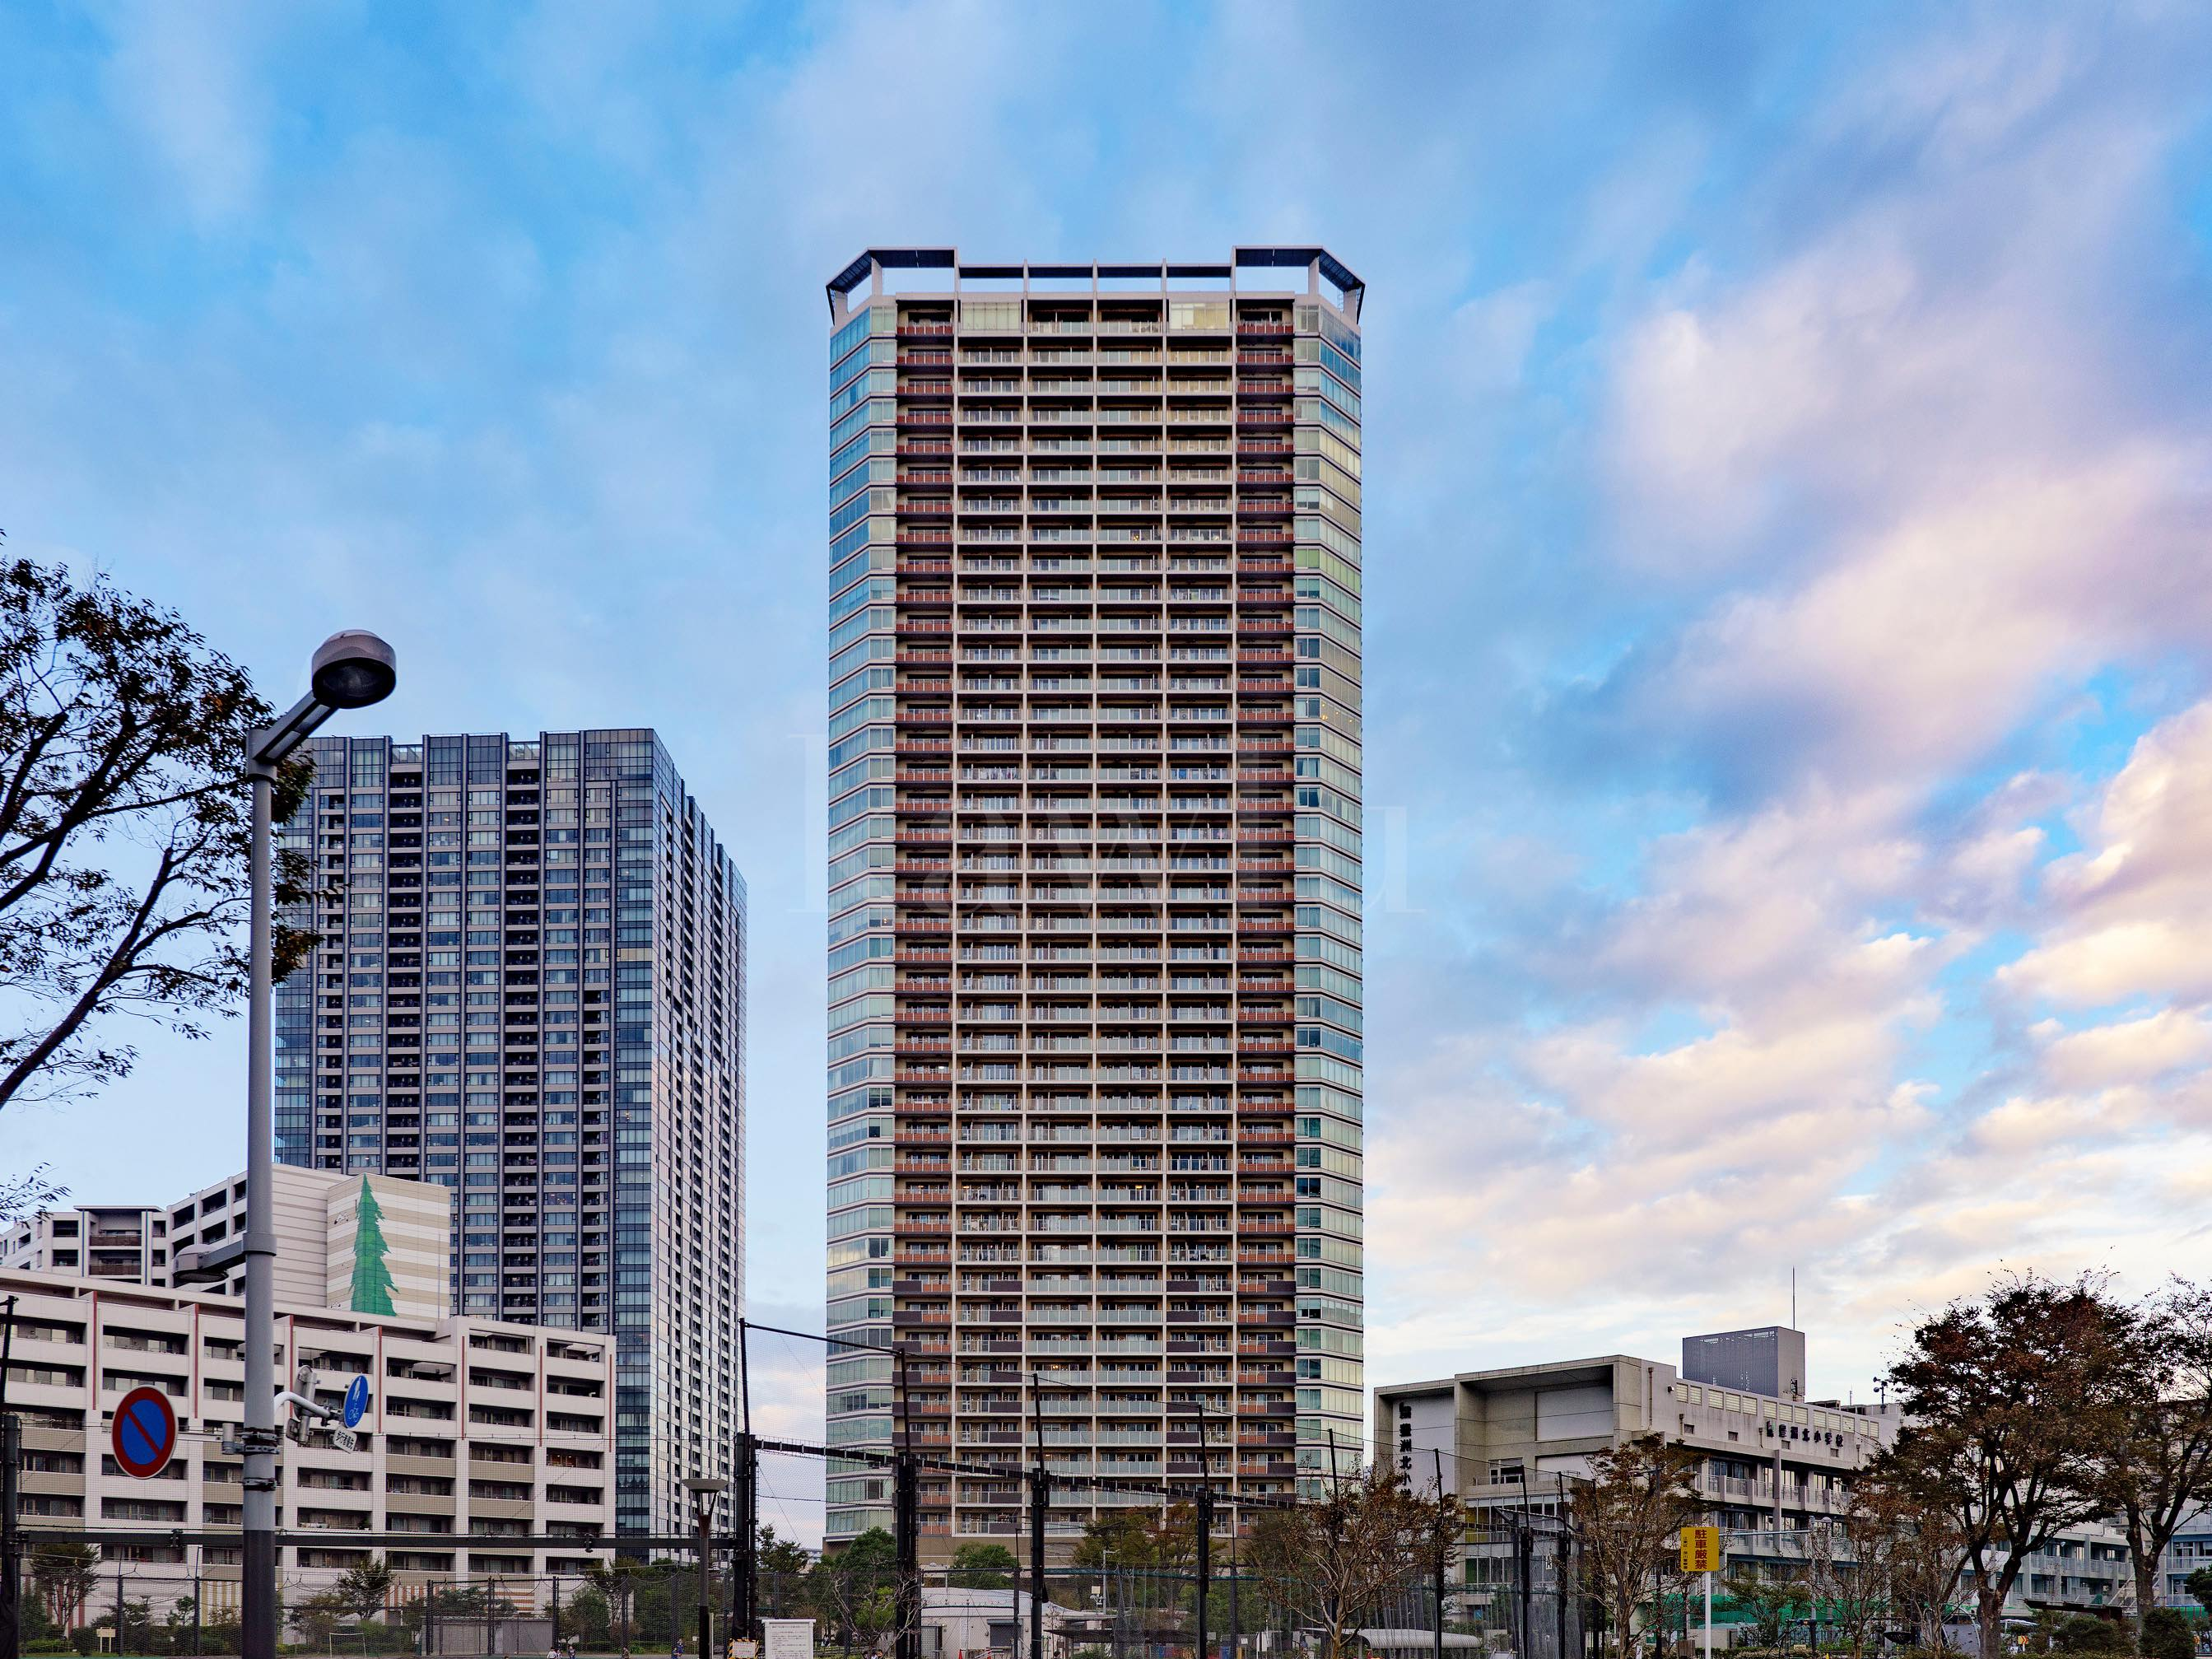 ザ・豊洲タワーは豊洲を代表するランドマークマンション!